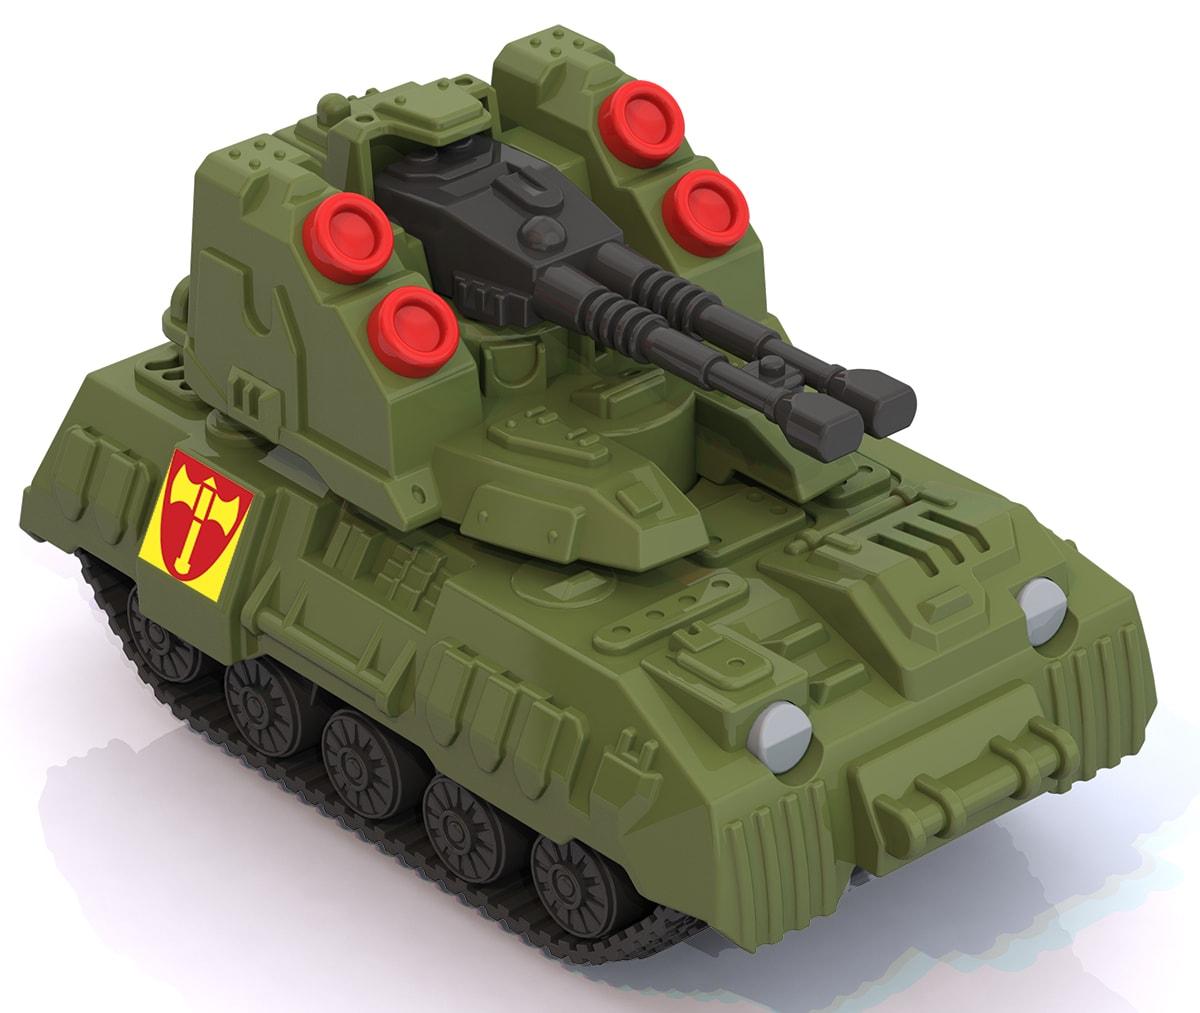 Детские военные игрушки в оптовом интернет-магазине Alba картинка